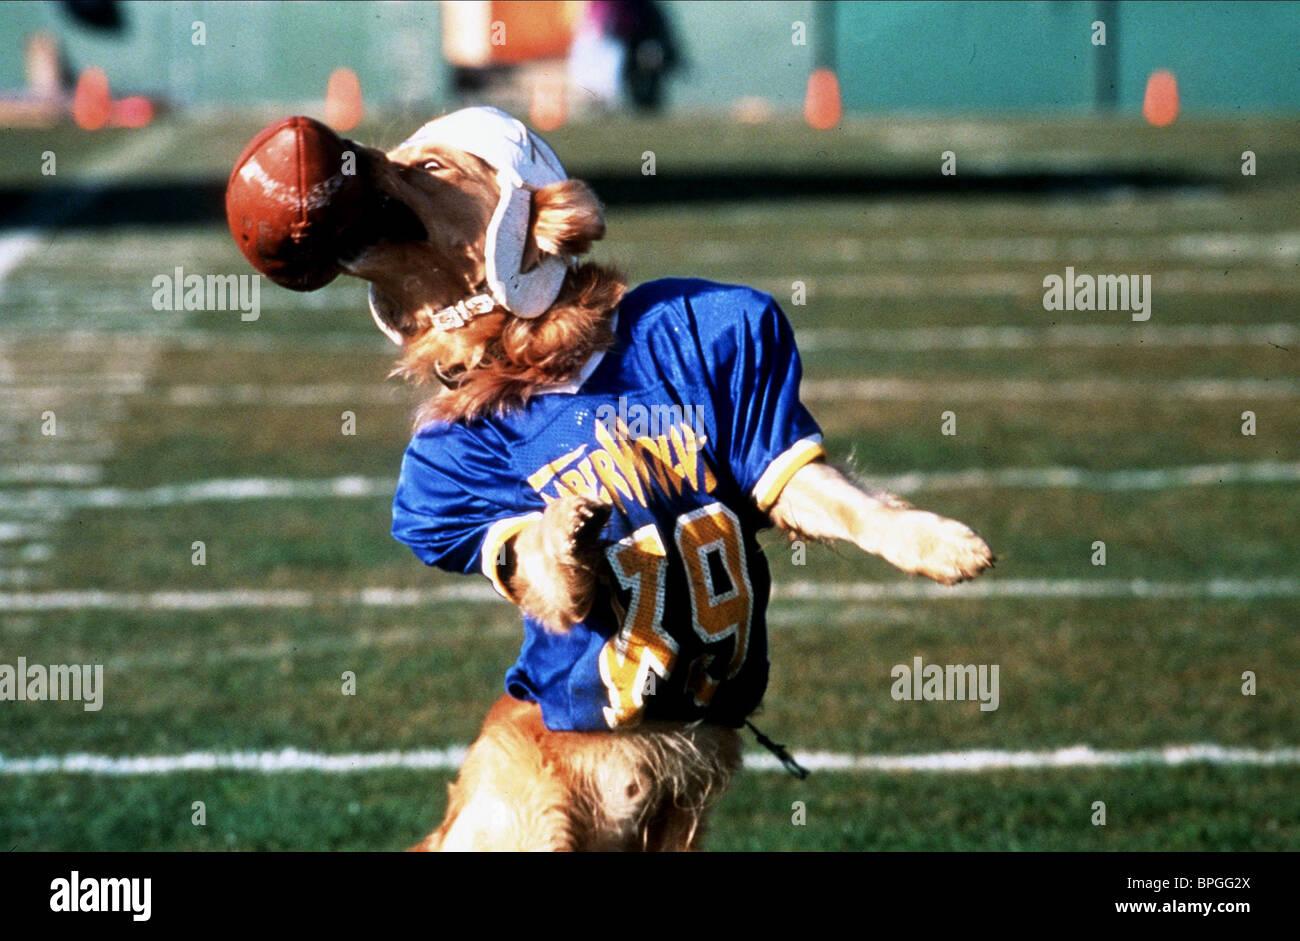 KUMPEL AIR BUD: GOLDEN RECEIVER; AIR BUD 2 (1998) Stockbild